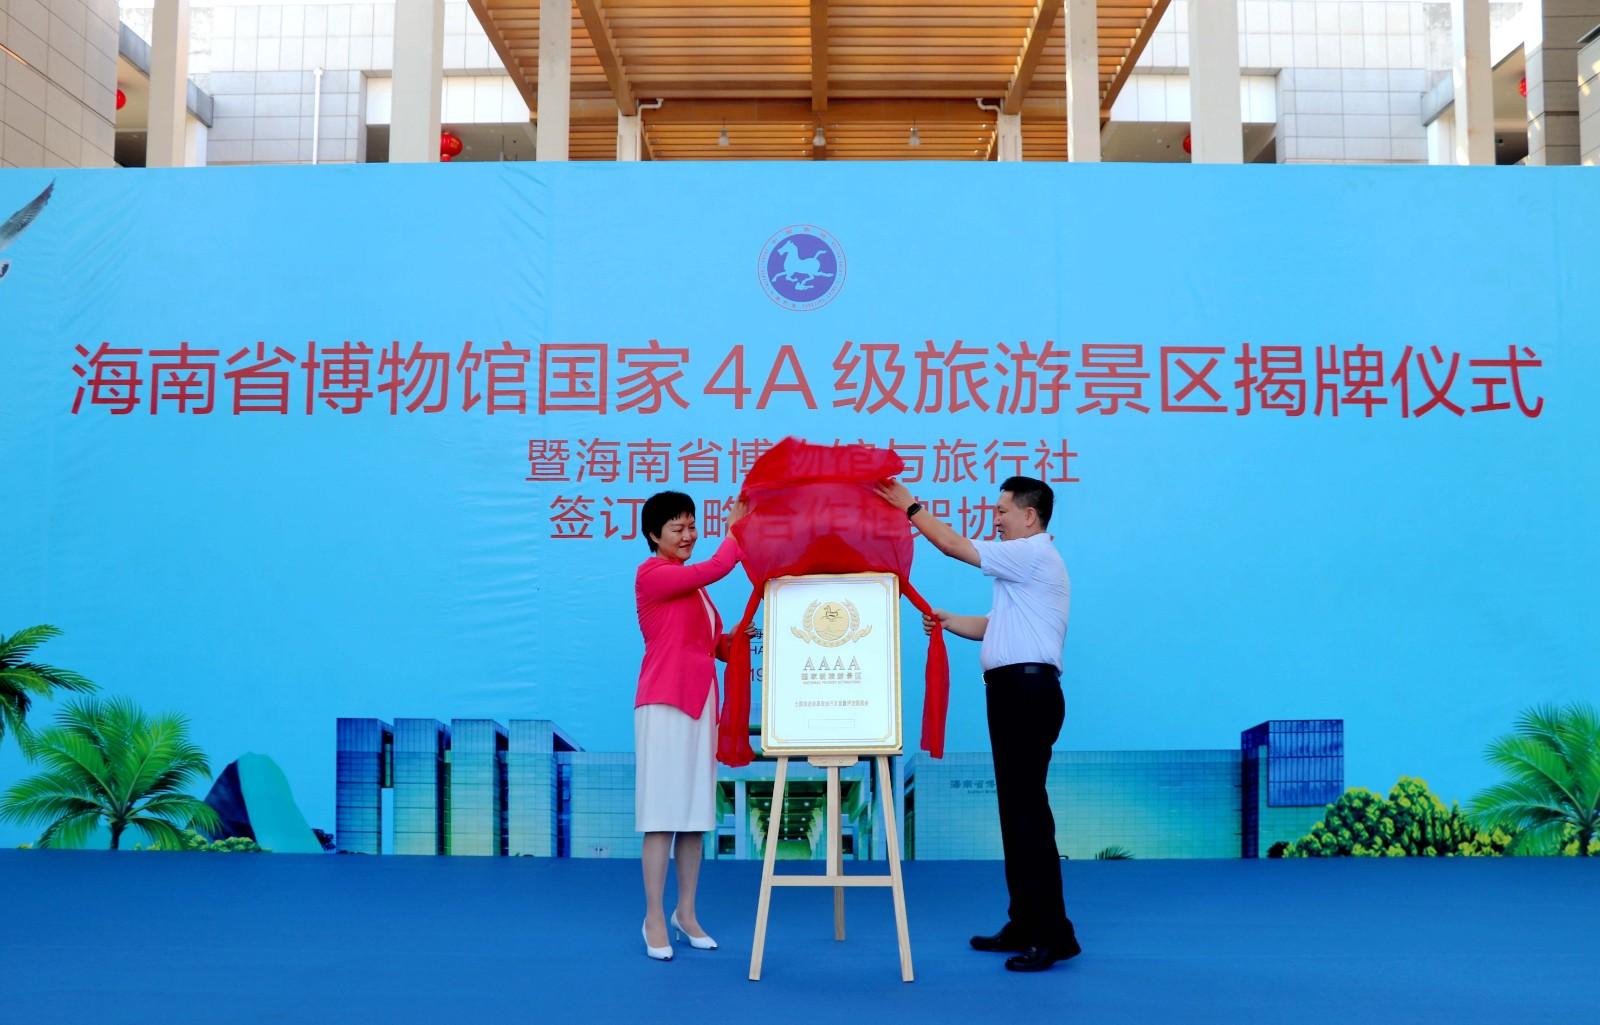 海南省博物館國家4A級旅游景區揭牌儀式在海南省博物館舉行